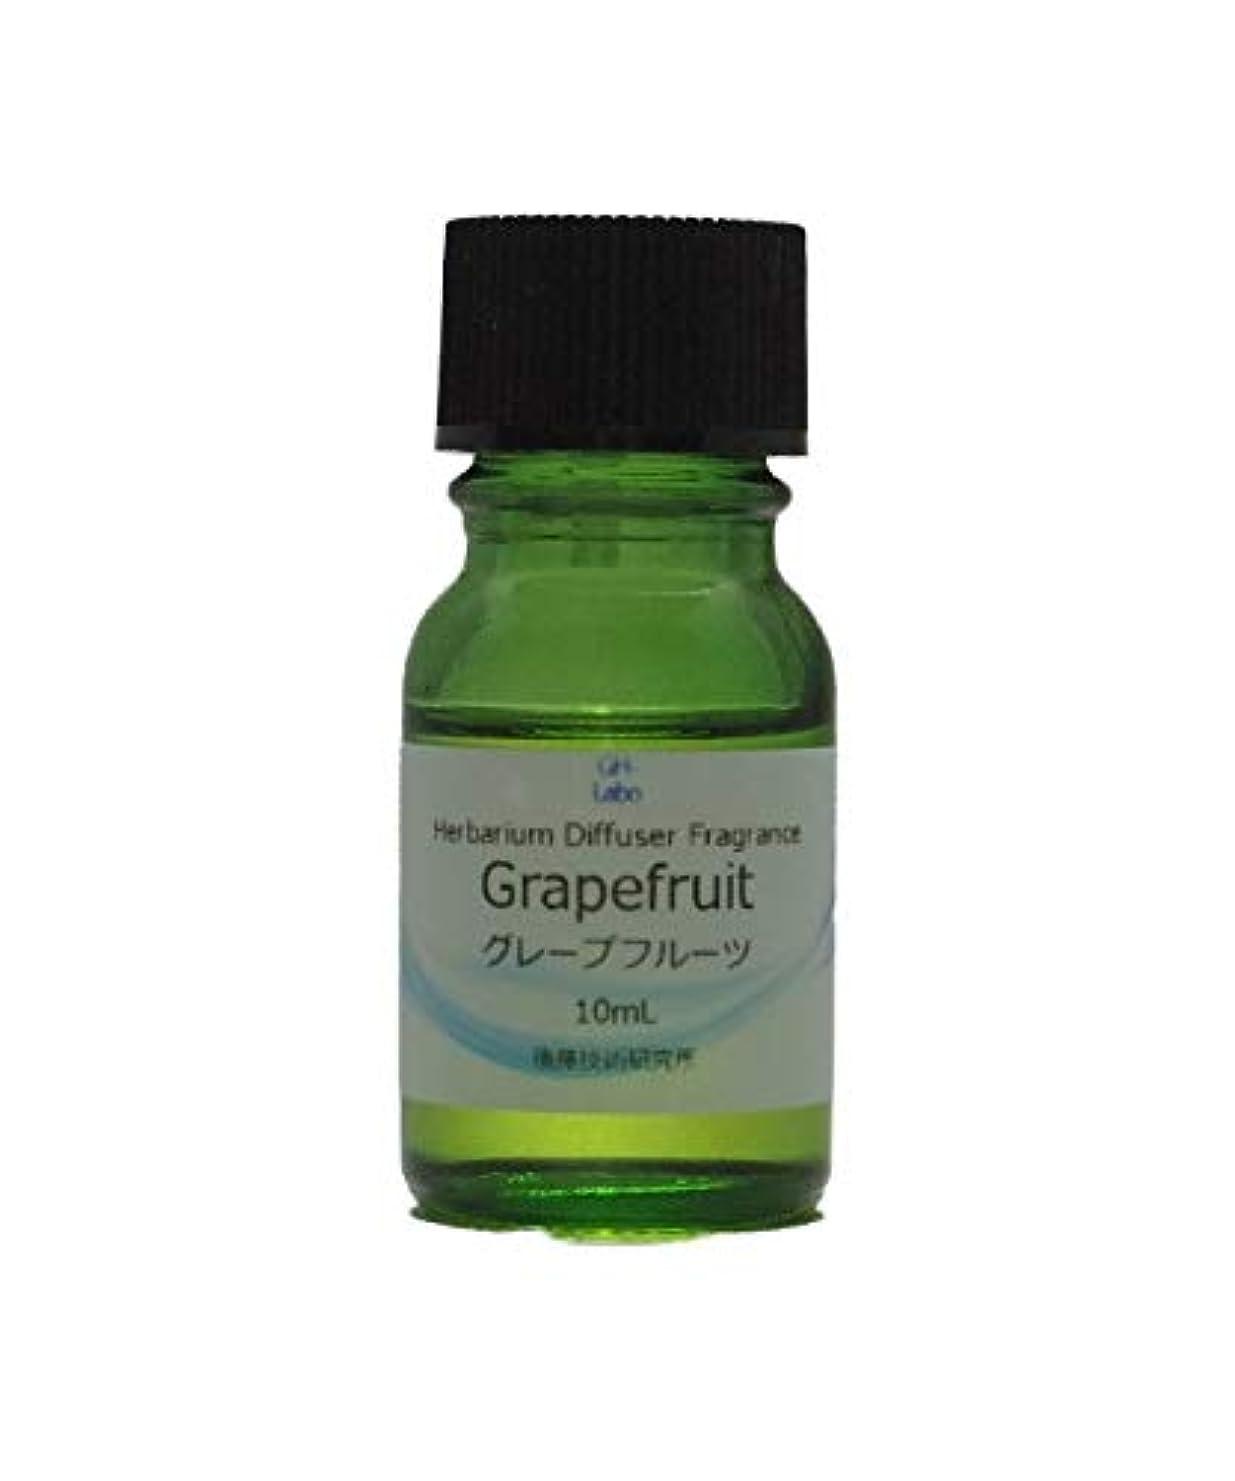 インフレーションジャンプする表向きグレープフルーツ フレグランス 香料 ディフューザー ハーバリウム アロマオイル 手作り 化粧品